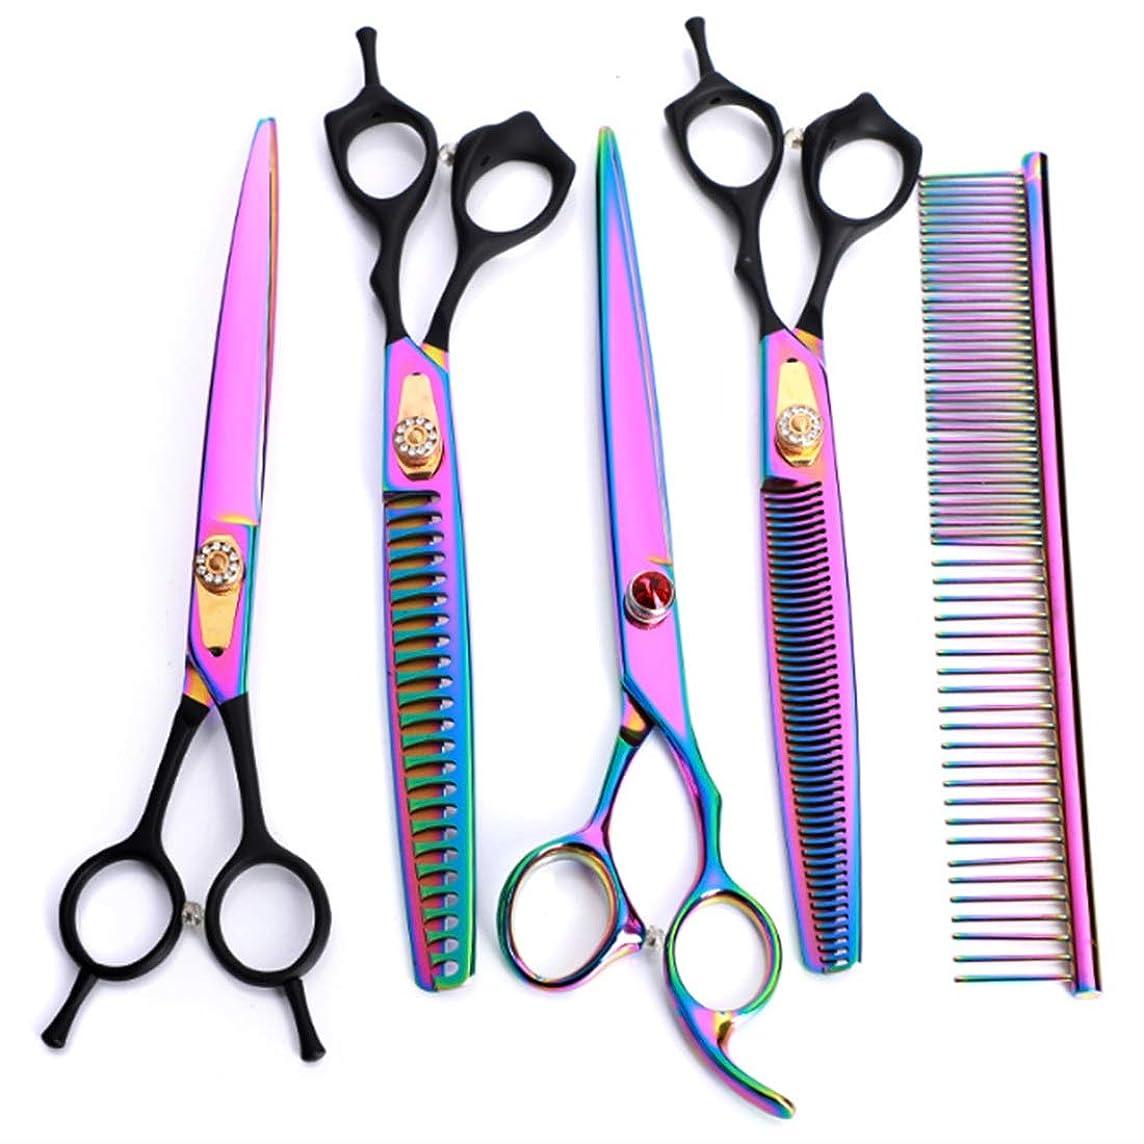 スタック証言六月プロの理髪師の髪のはさみ/はさみ(8インチ) - プロの歯科用ハサミ/曲げのはさみは毛の切断をせん断します モデリングツール (色 : 色)